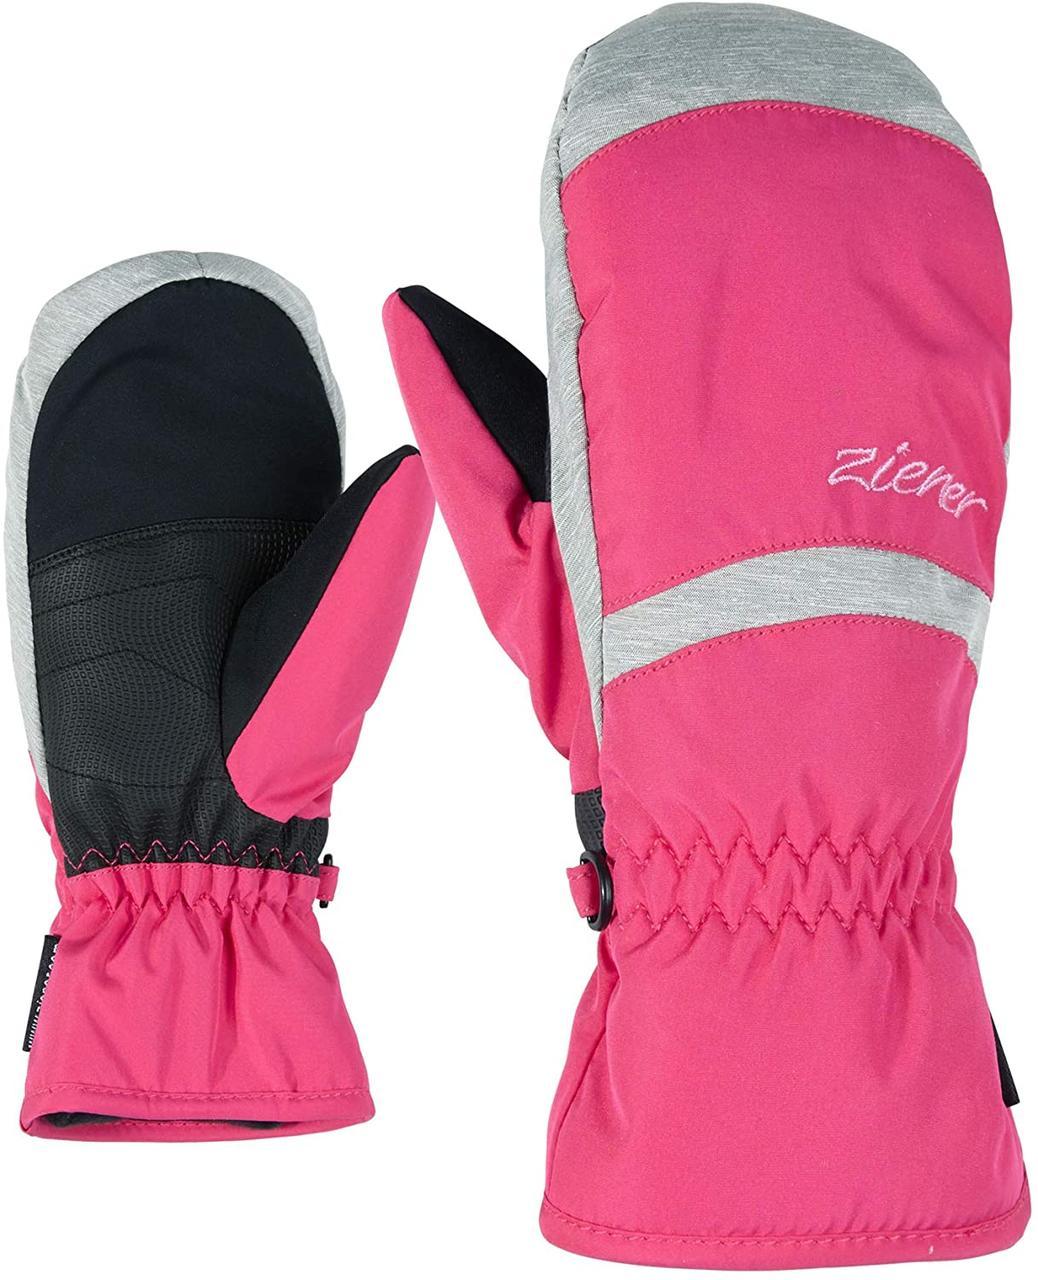 Гірськолижні рукавички Ziener LEJANOS AS | роз.-7.5, 6, 3.5 розові